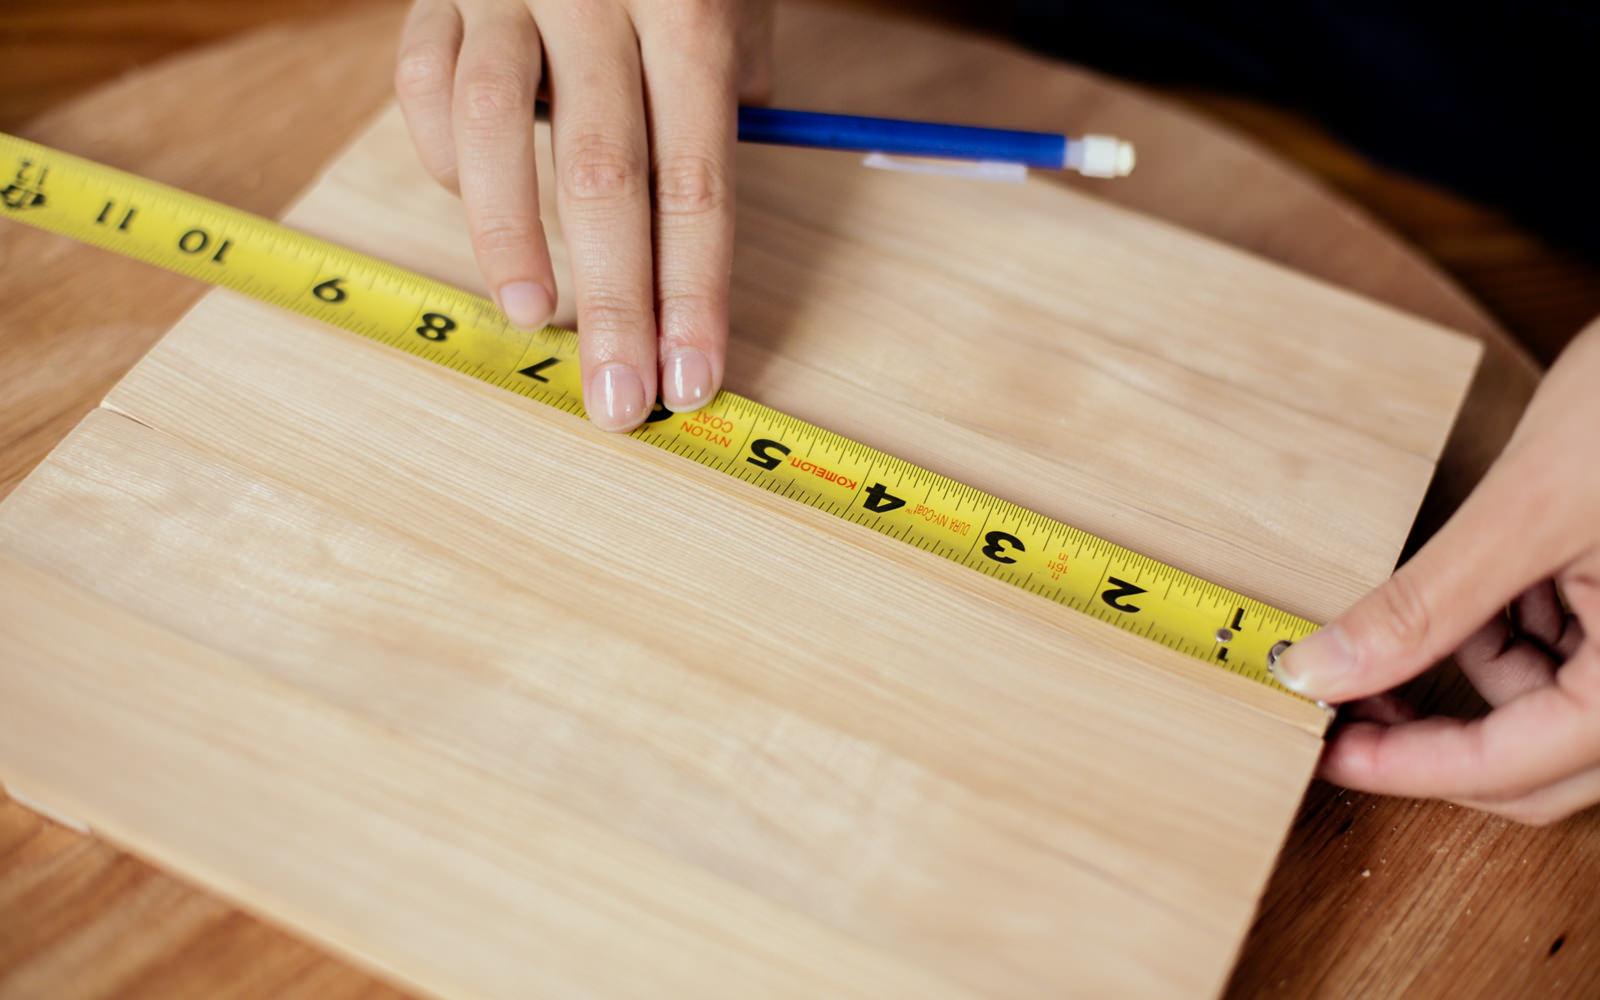 measuring ikea clock